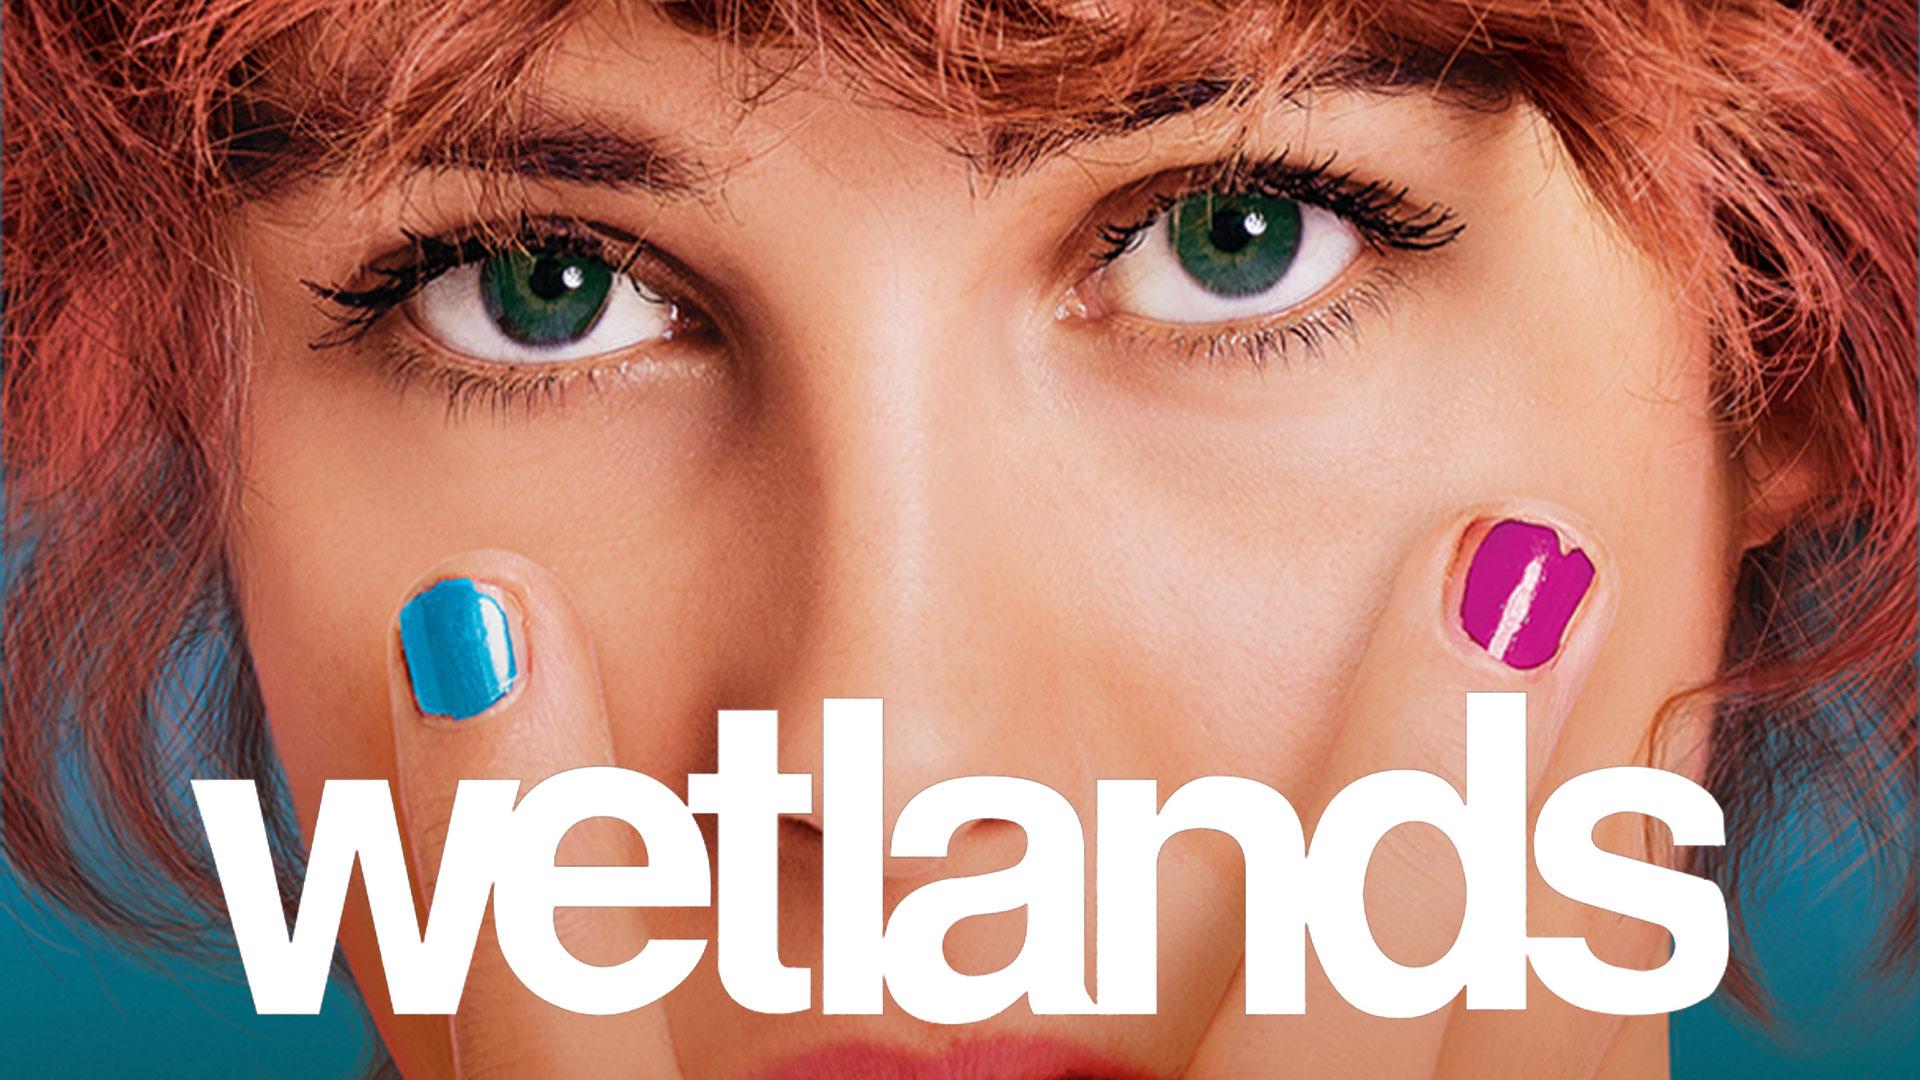 Wetlands (English Subtitled)